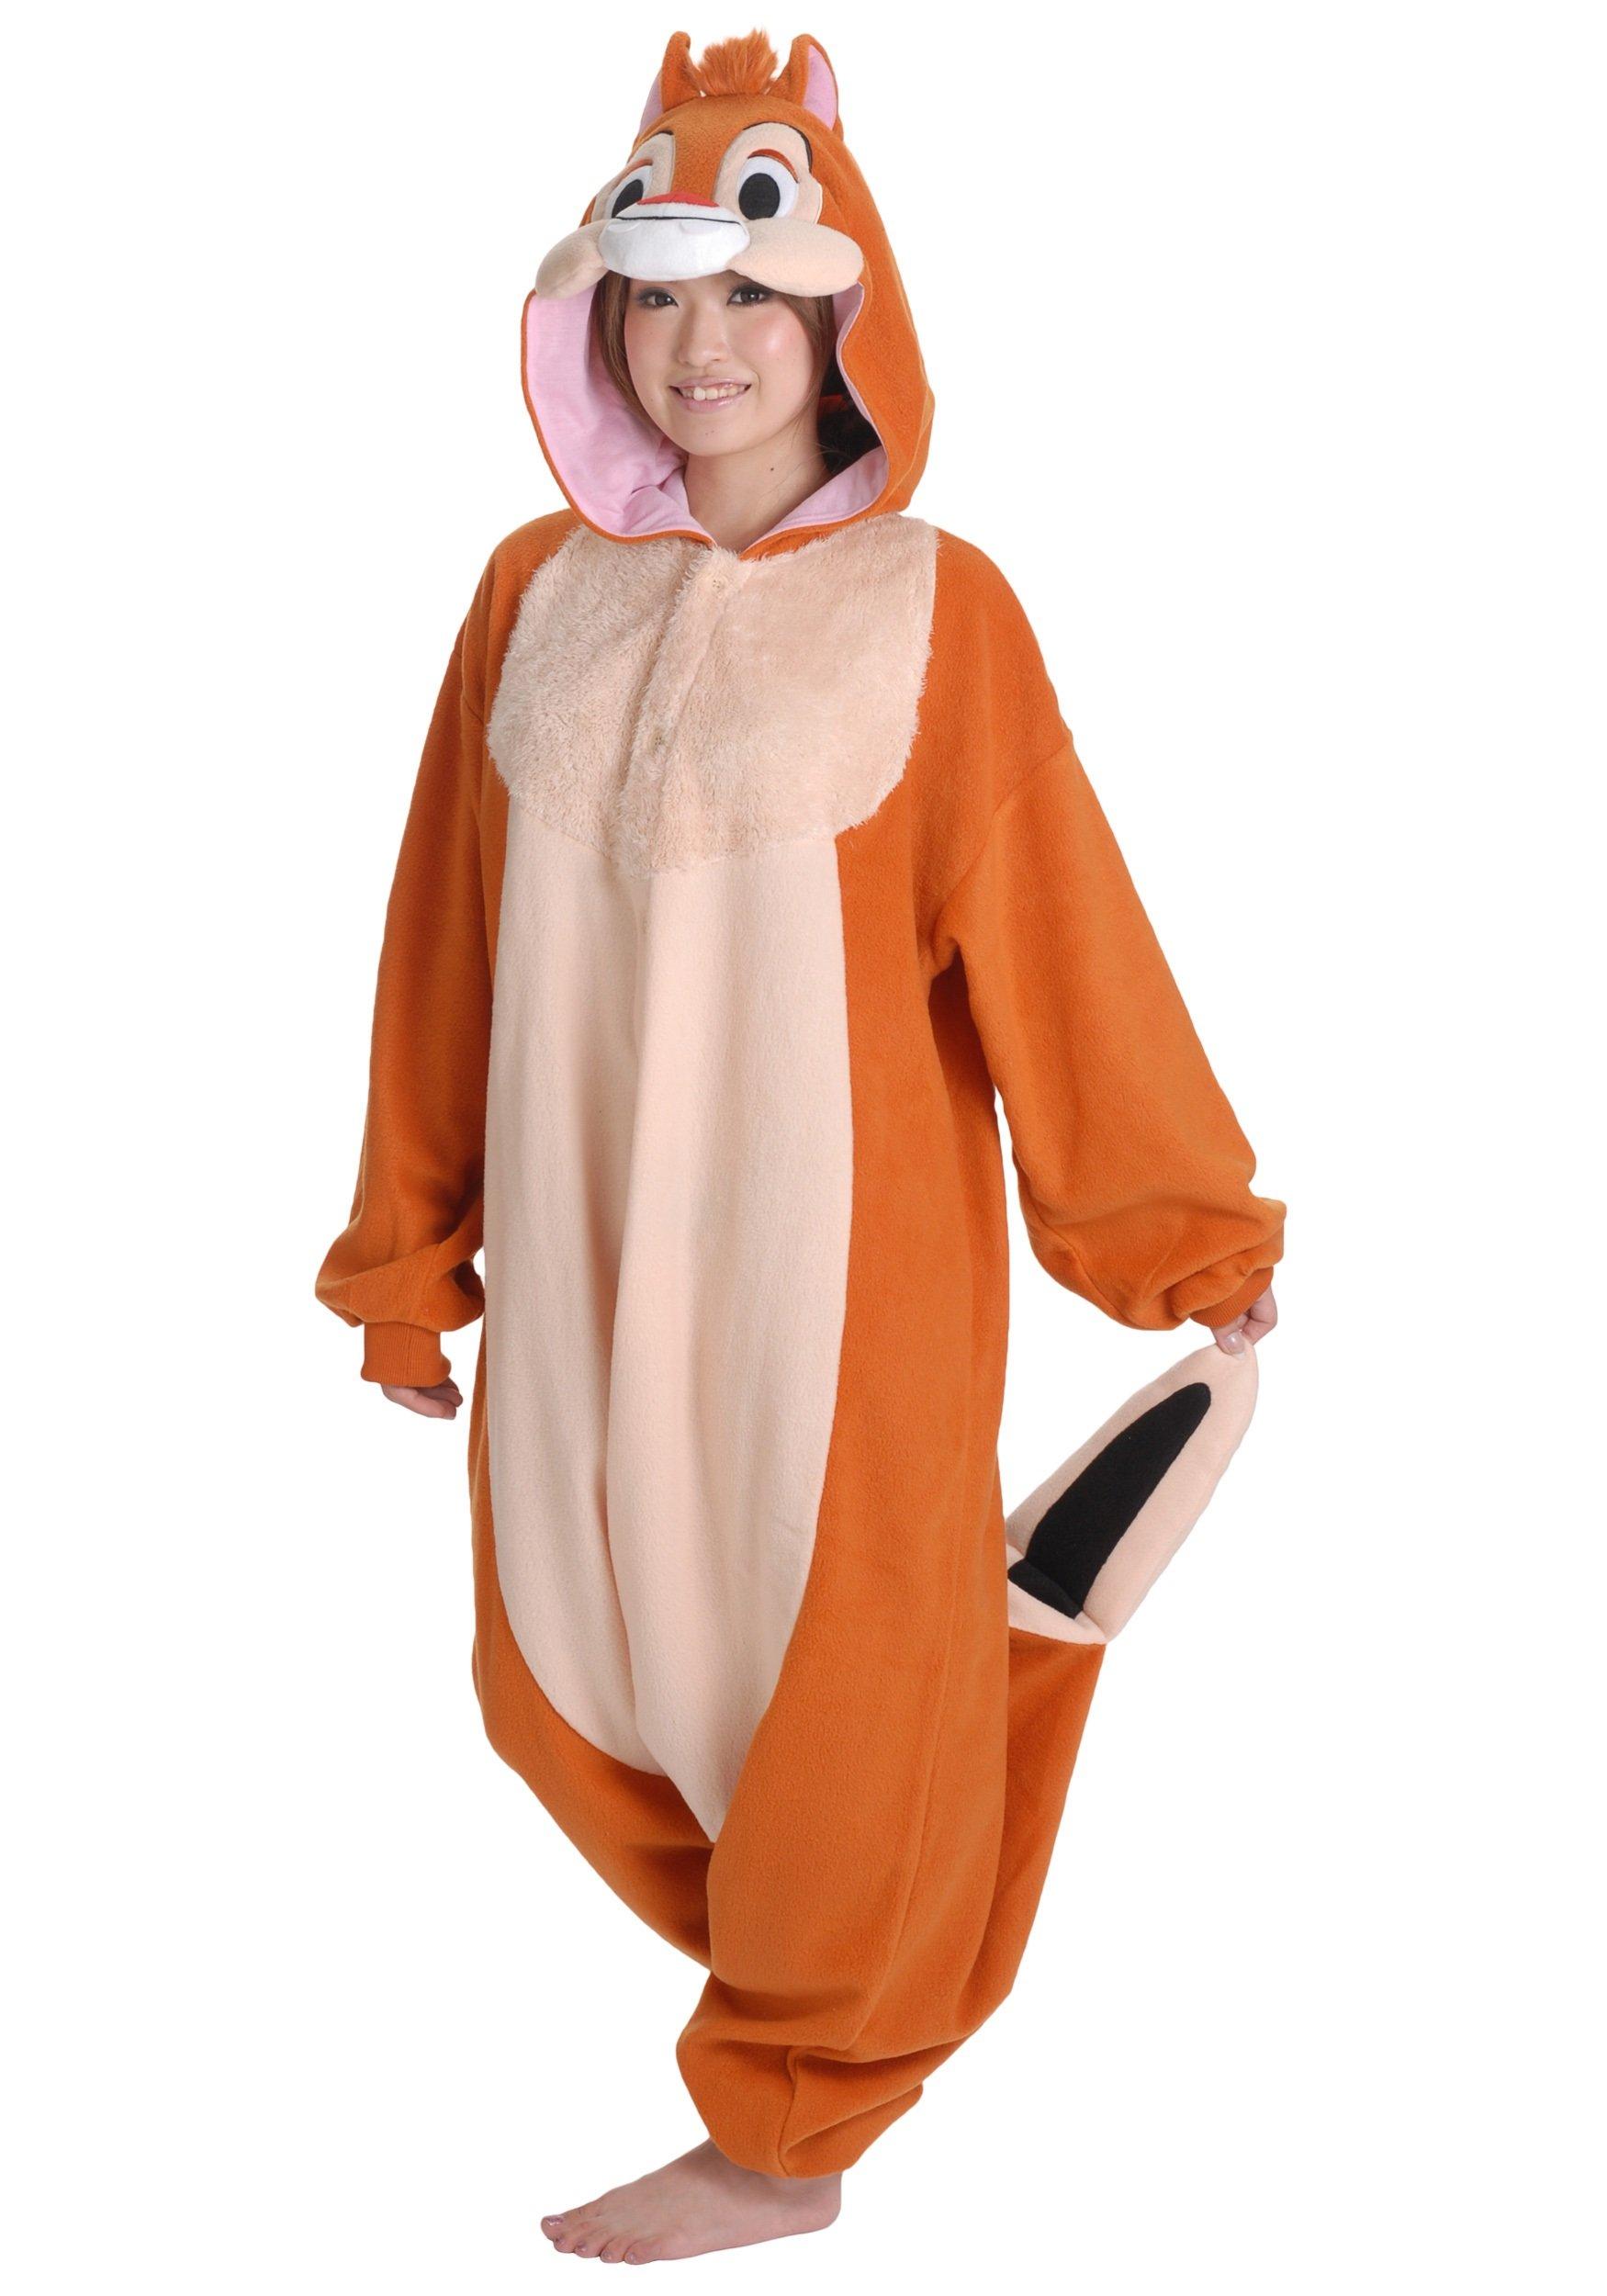 Dale Pajama Costume (Standard)